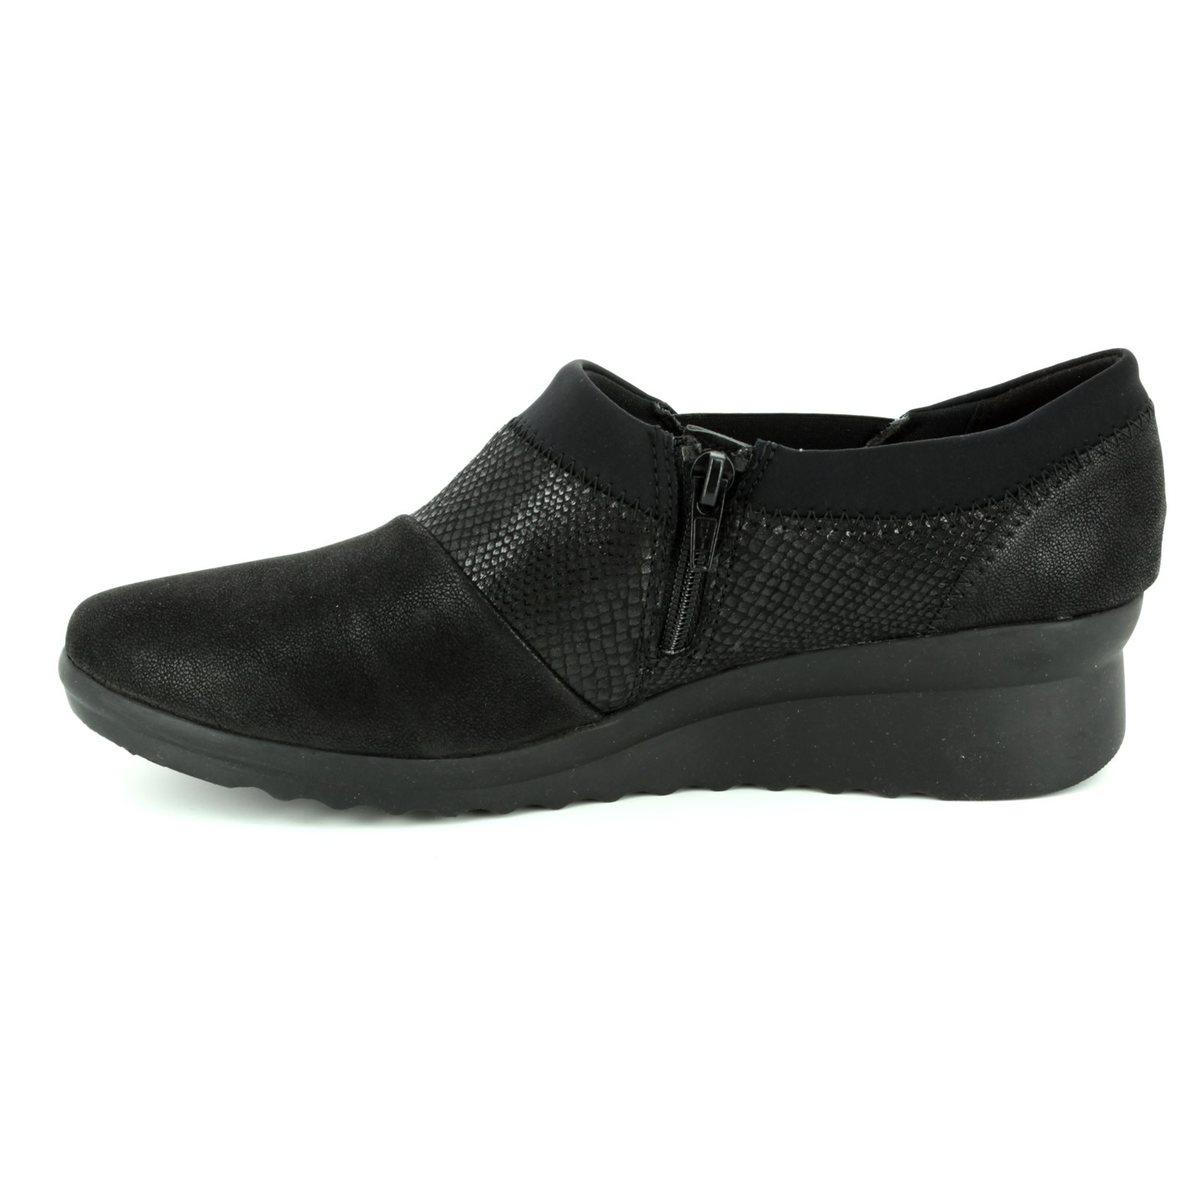 Denali Womens Shoes